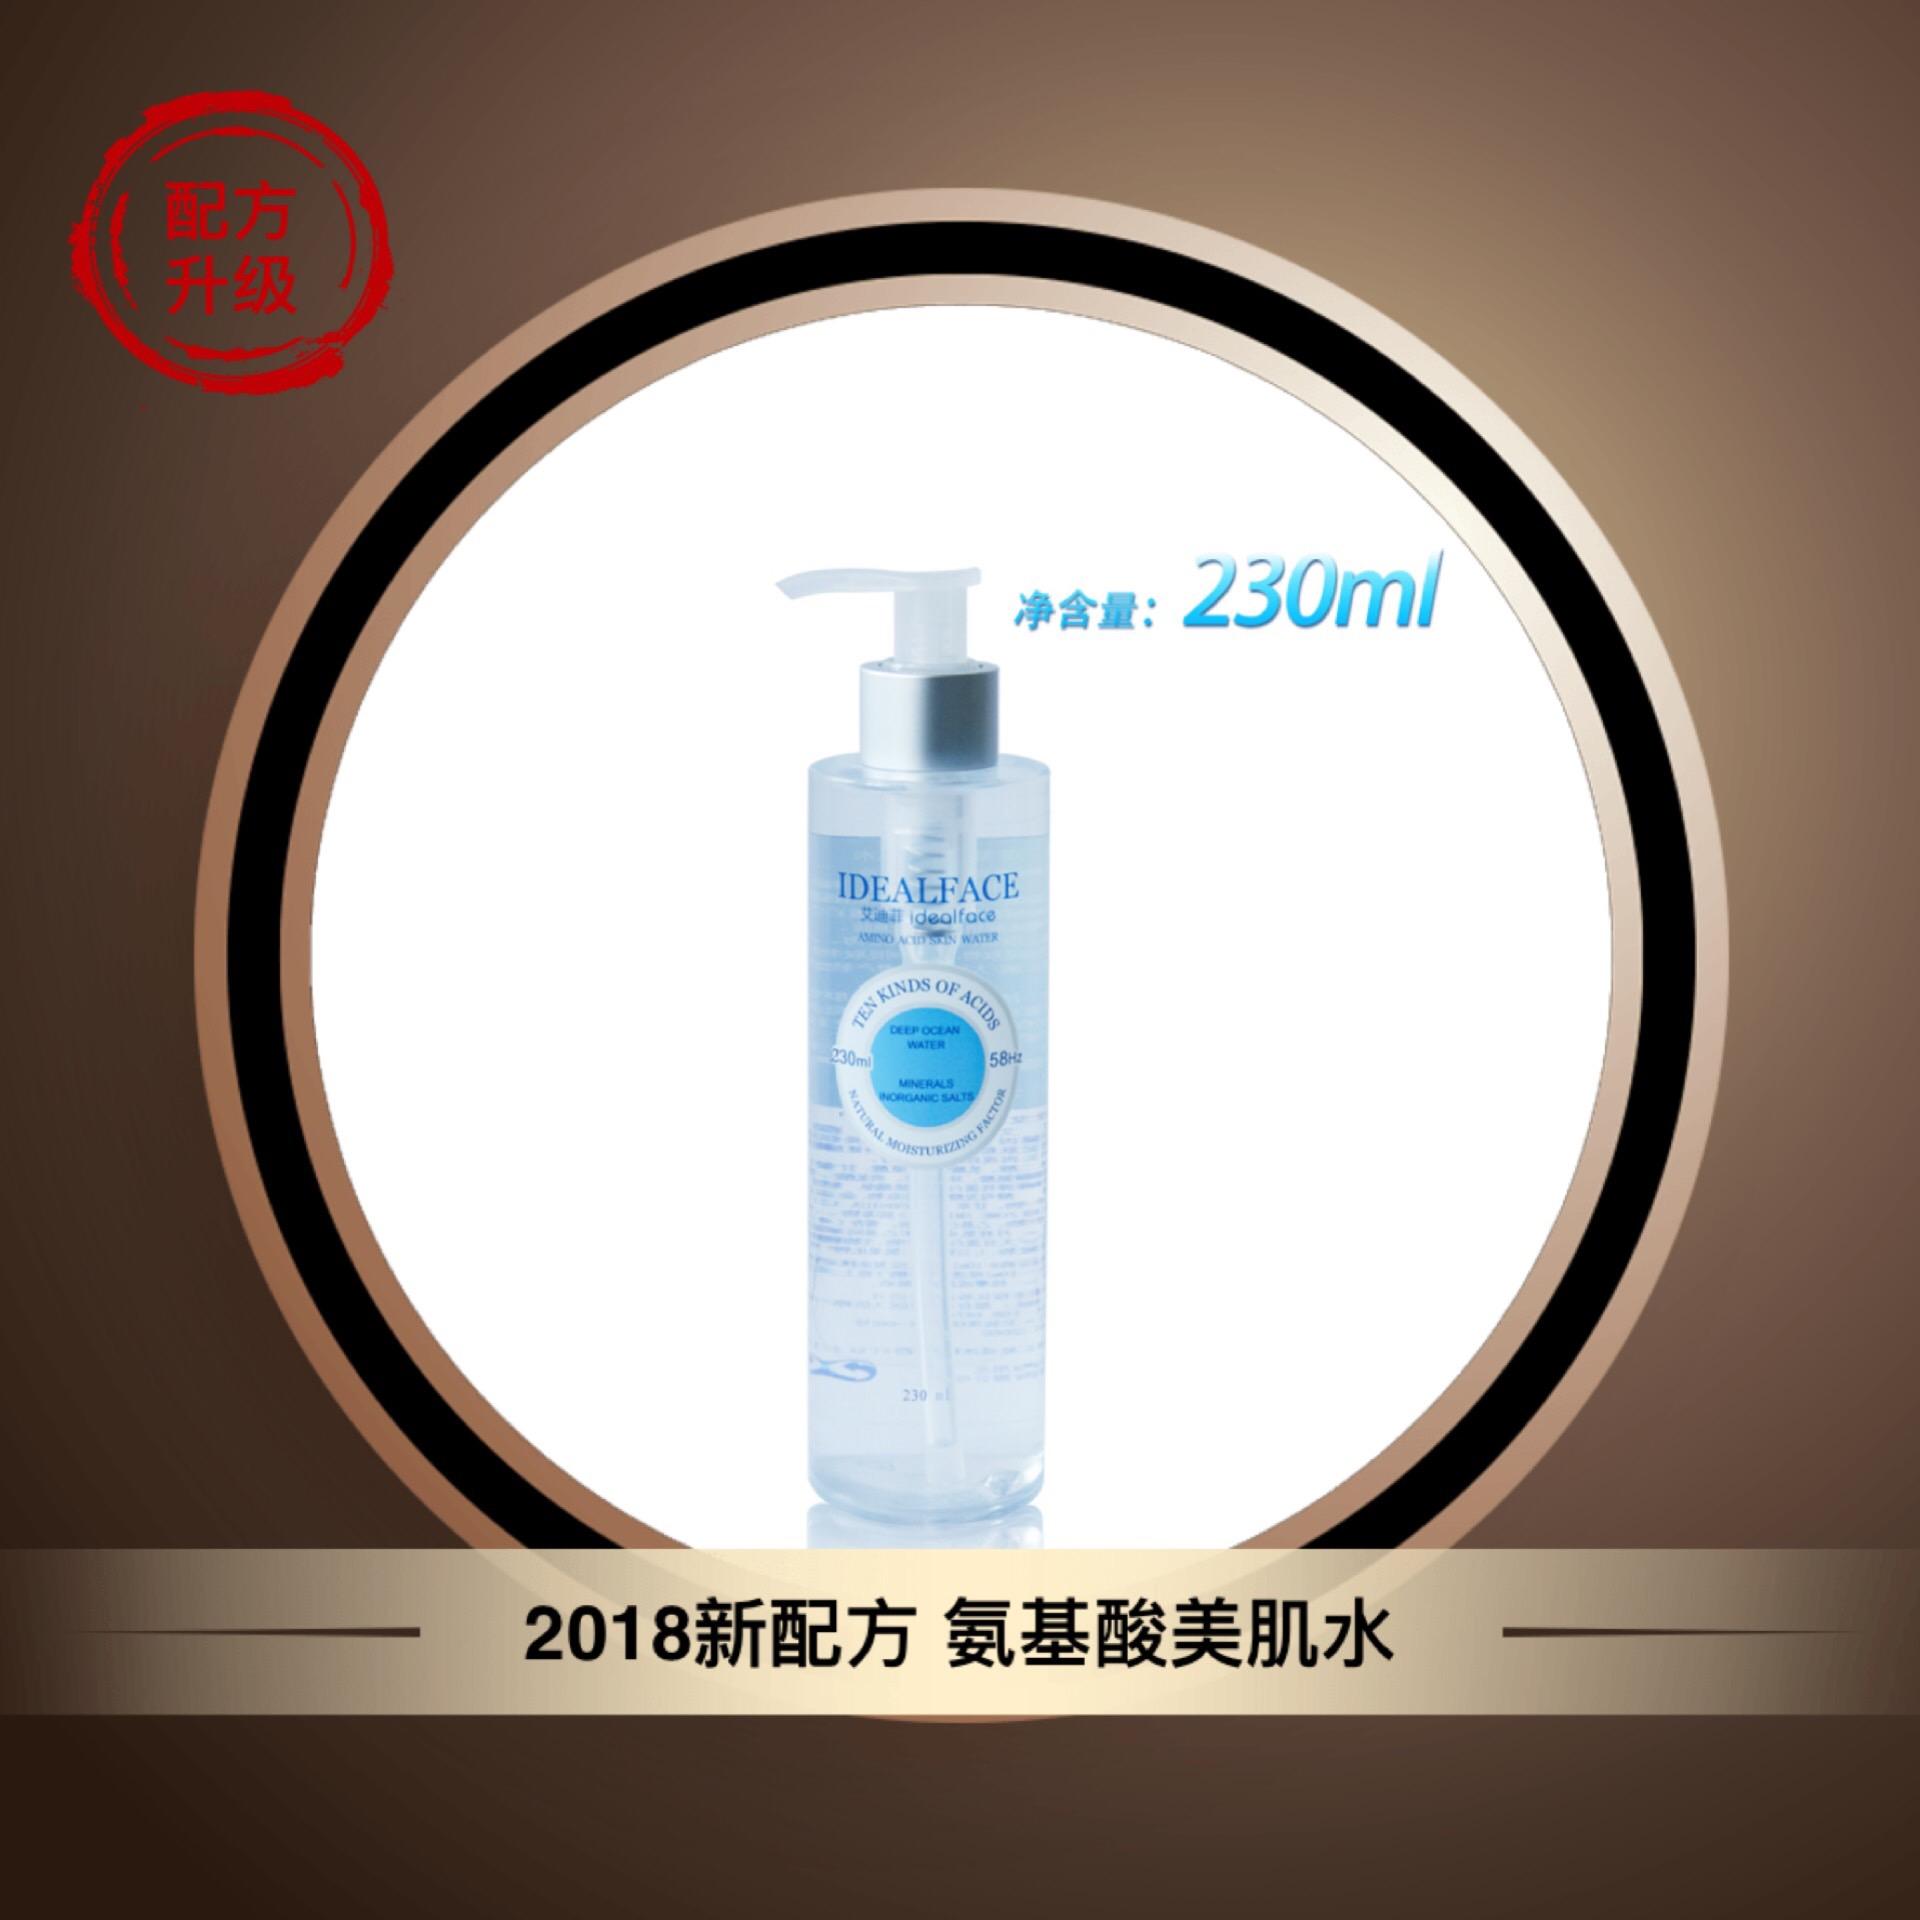 【拍6免1】2018新配方艾迪菲氨基酸美肌水230ML 无添加 补水 保湿